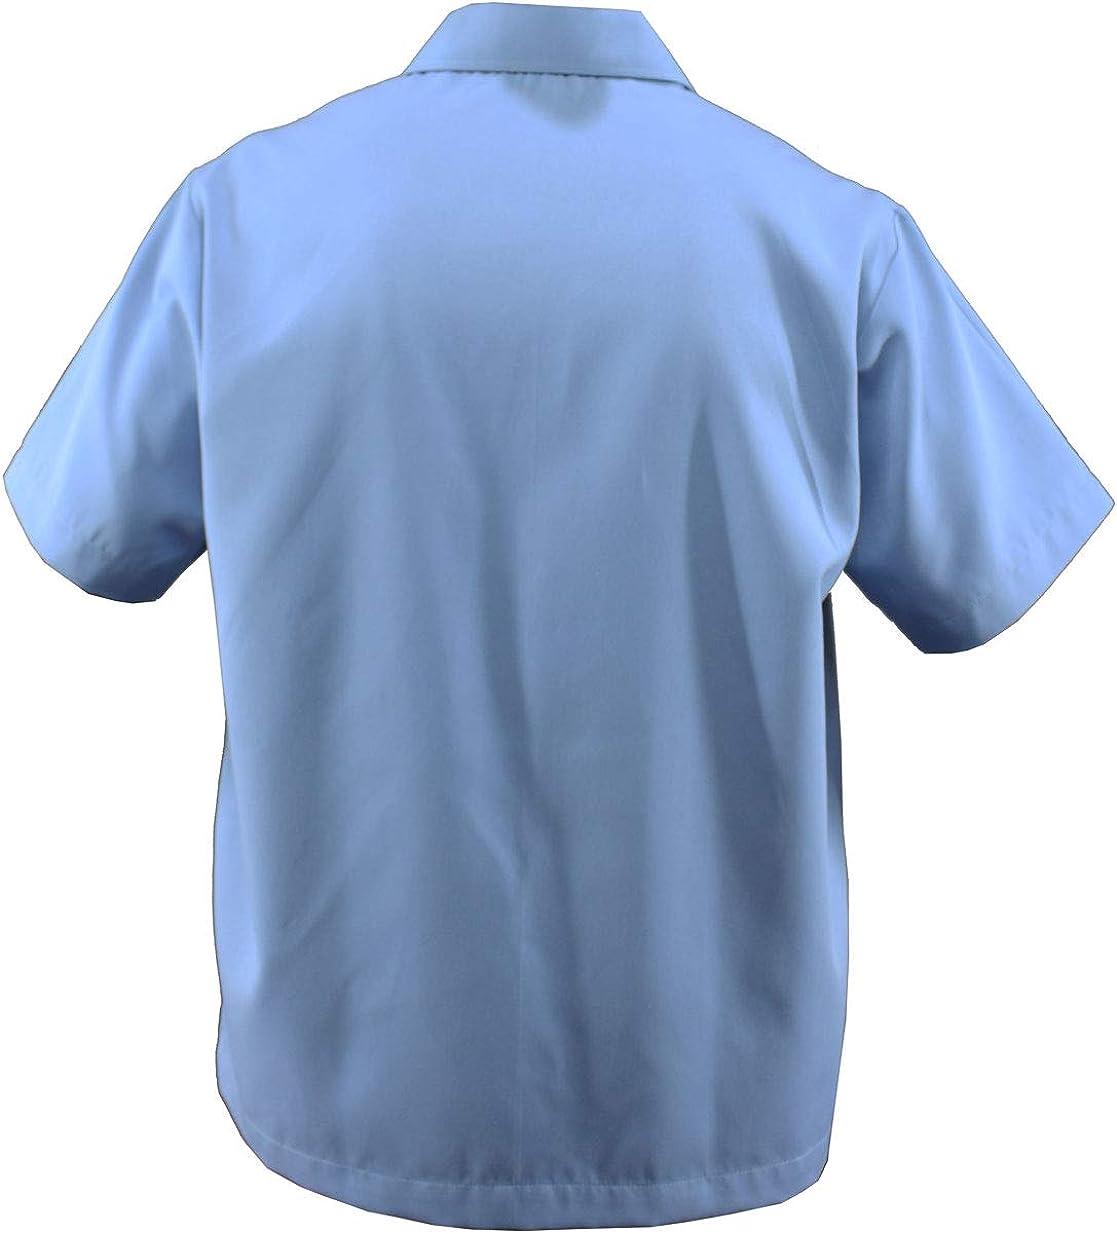 D600 - Camiseta para jugar a los bolos para hombre, dos colores, camiseta estilo vintage de los años 50: Amazon.es: Ropa y accesorios